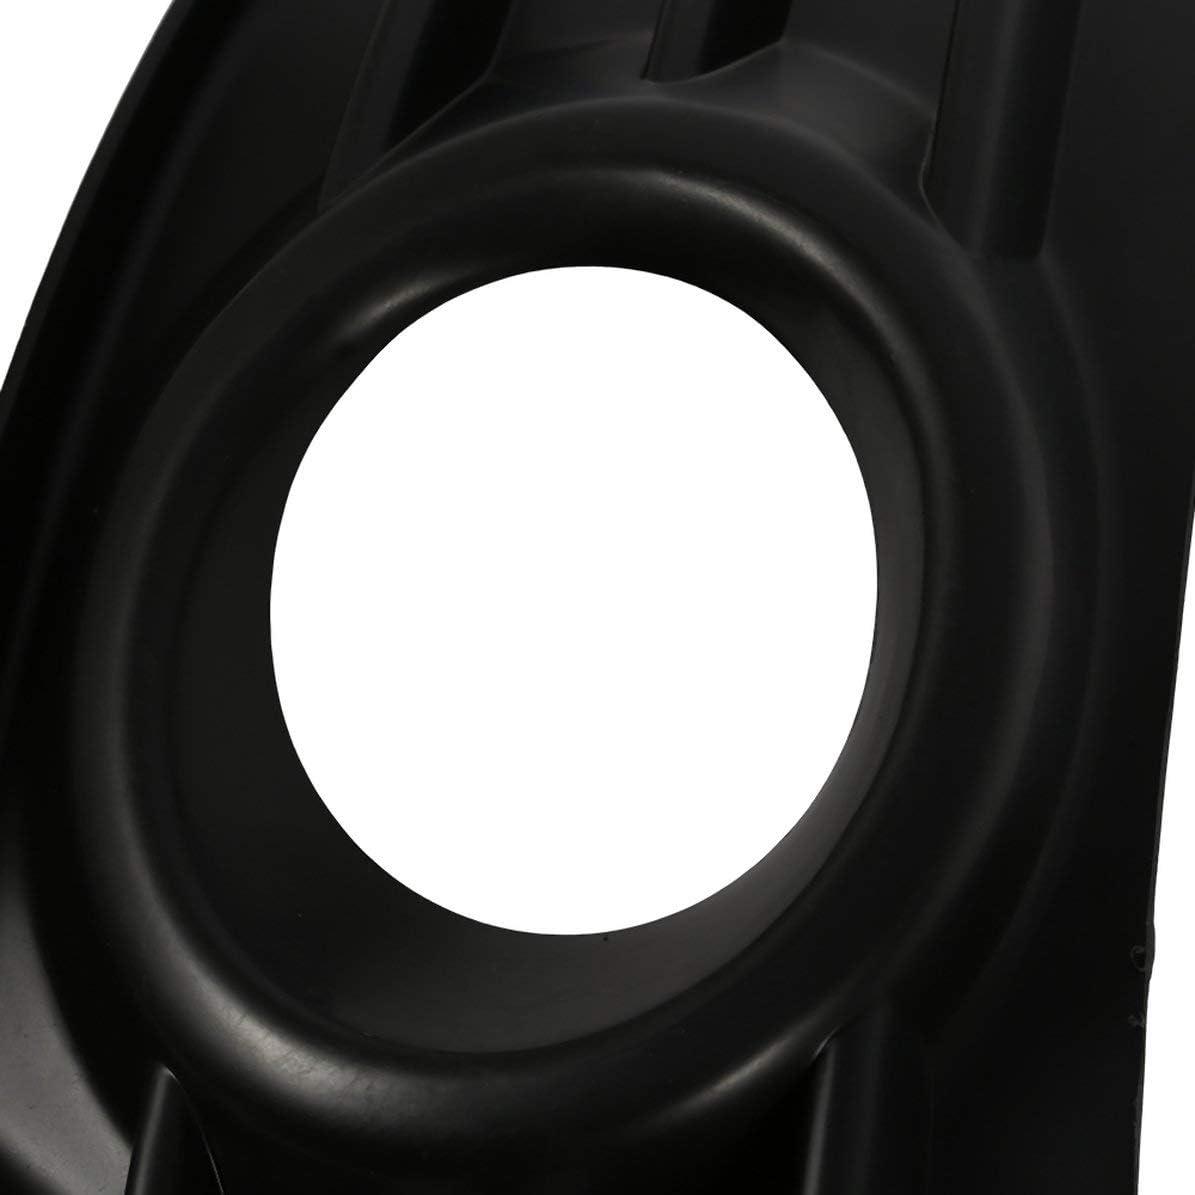 noir droite Sunnyflowk 1PCS // Couvercle de feu antibrouillard ABS de haute qualit/é pour Citroen C4 2004-2008 Couvercle de phare antibrouillard C-triomphe Cadre de feu antibrouillard avant